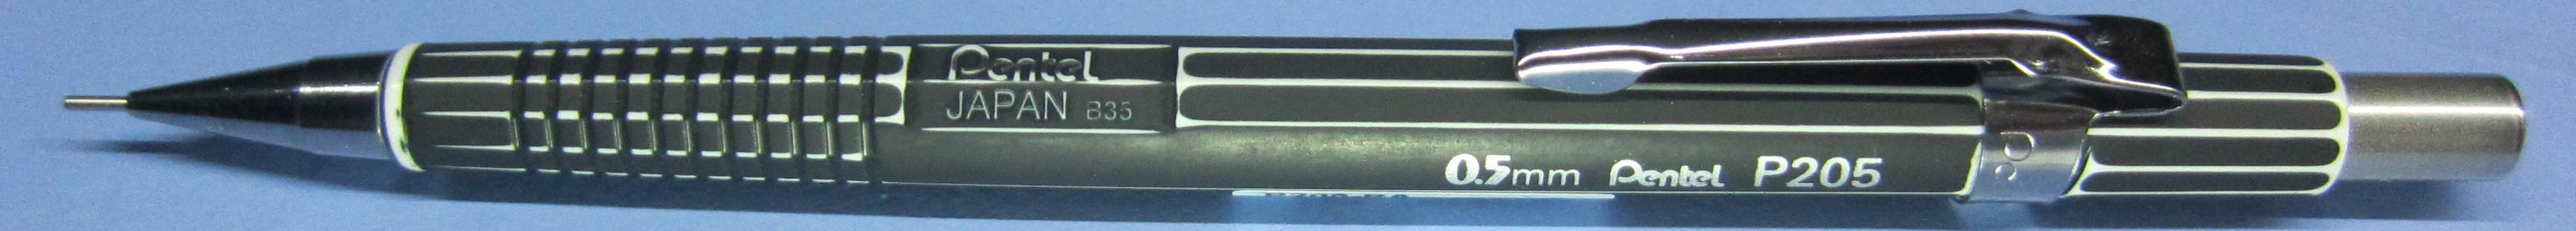 P205-RA (Gen 6) - 327